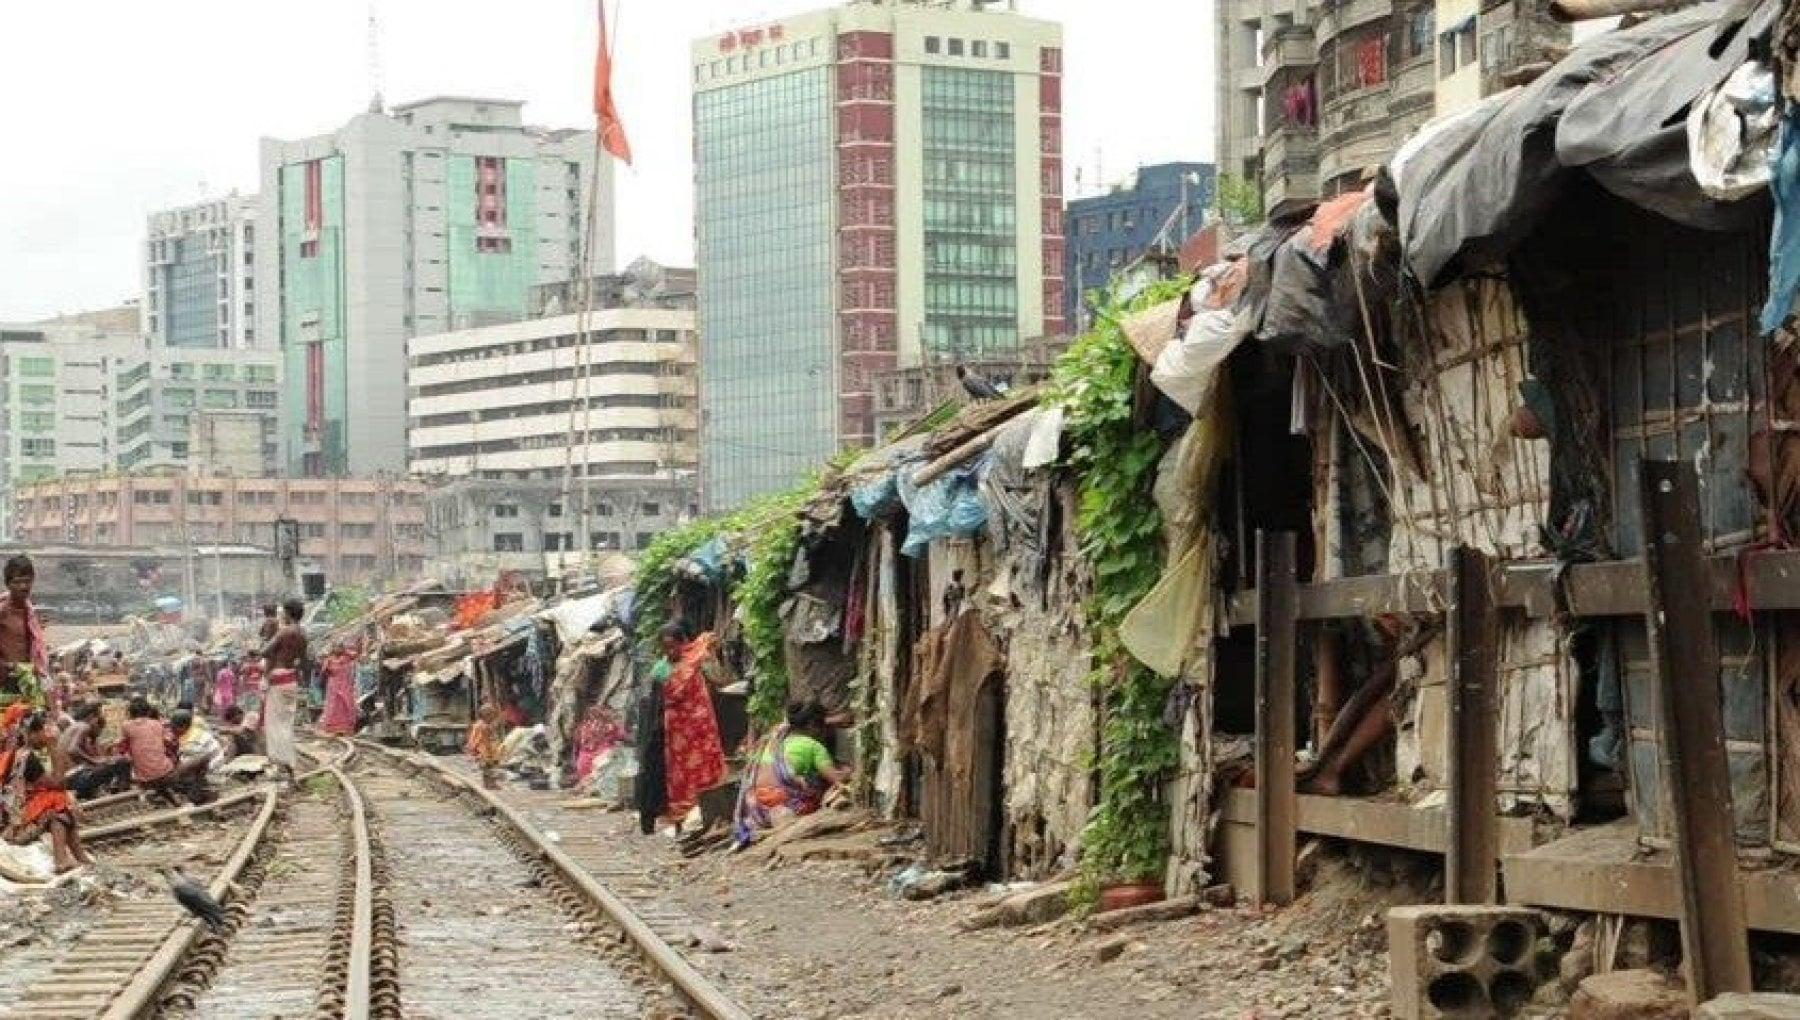 Povertà, Banca mondiale: 1,5 milioni di thailandesi sono i nuovi indigenti per la pandemia